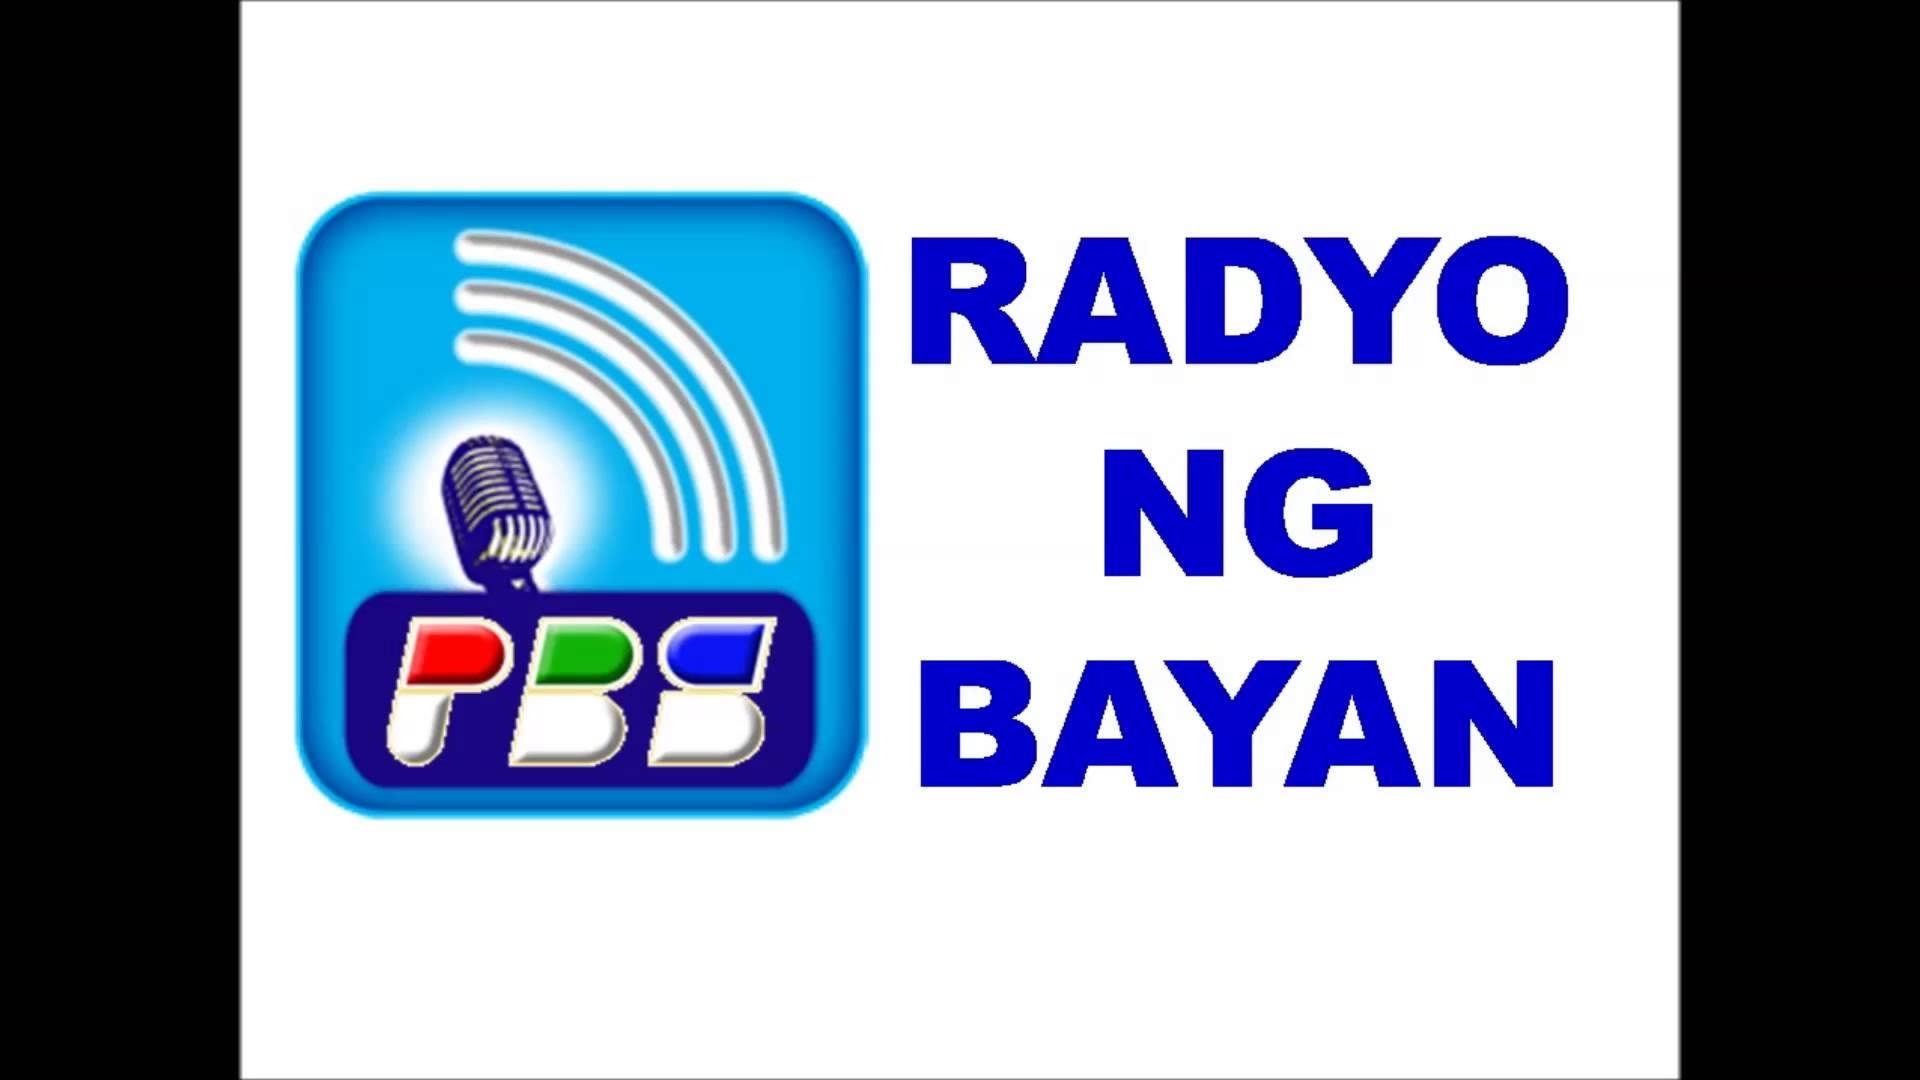 Radyo ng Bayan